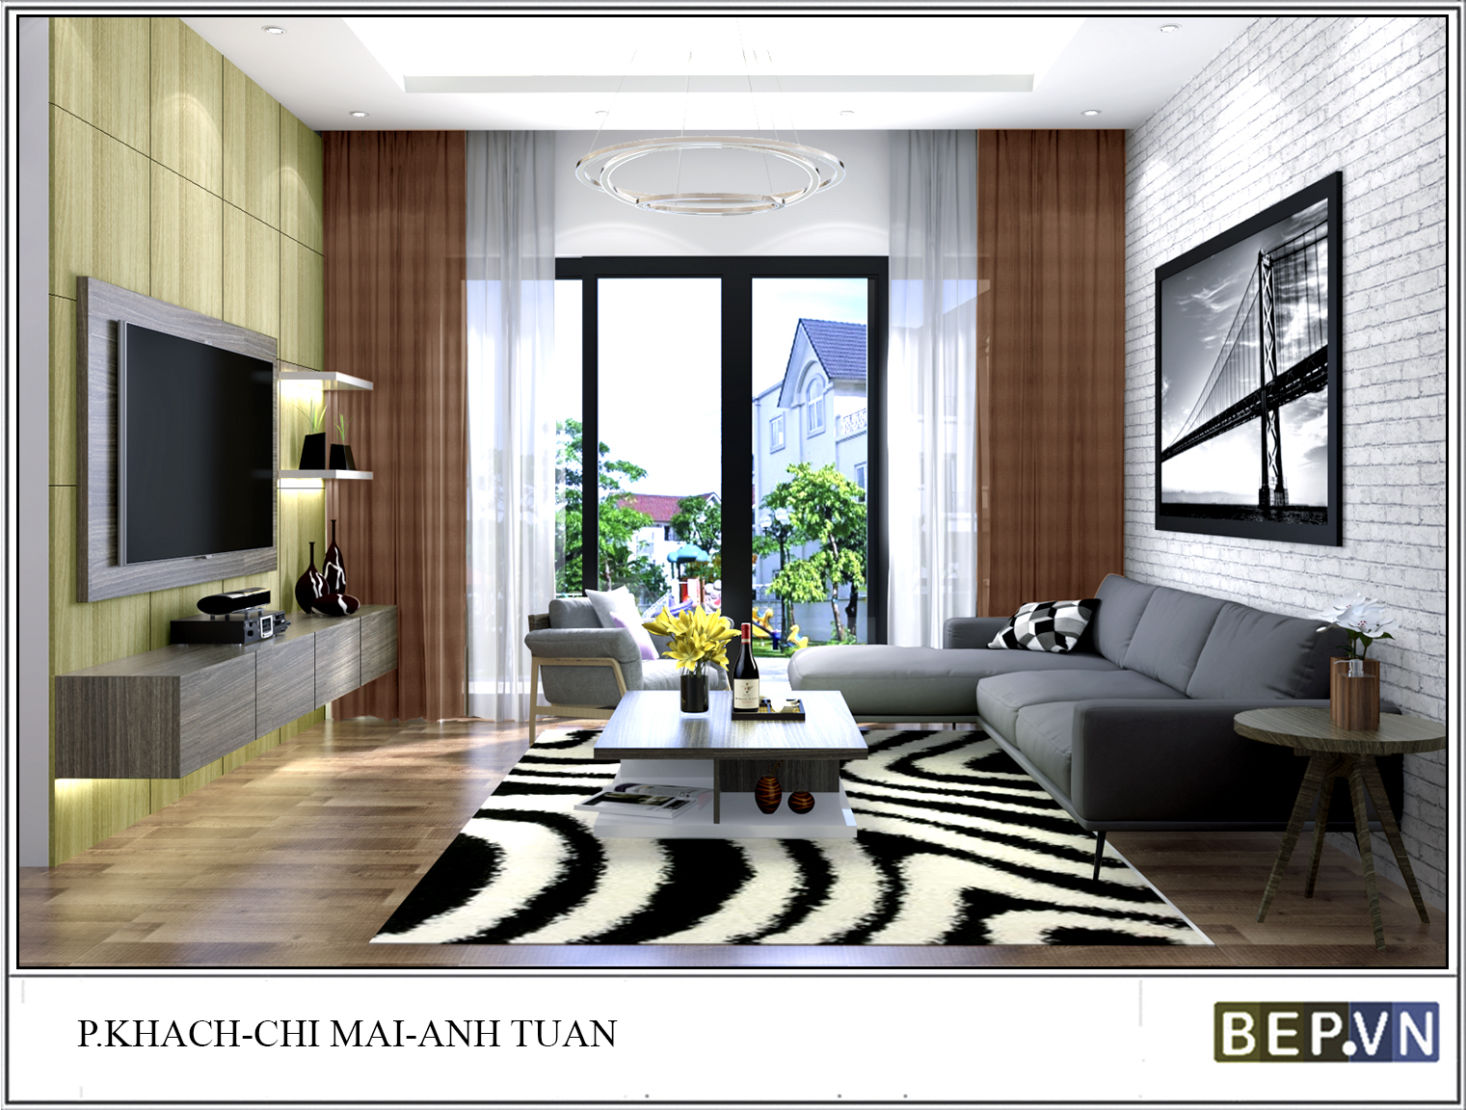 Thiết kế phòng ngủ chị Mai - ecopark